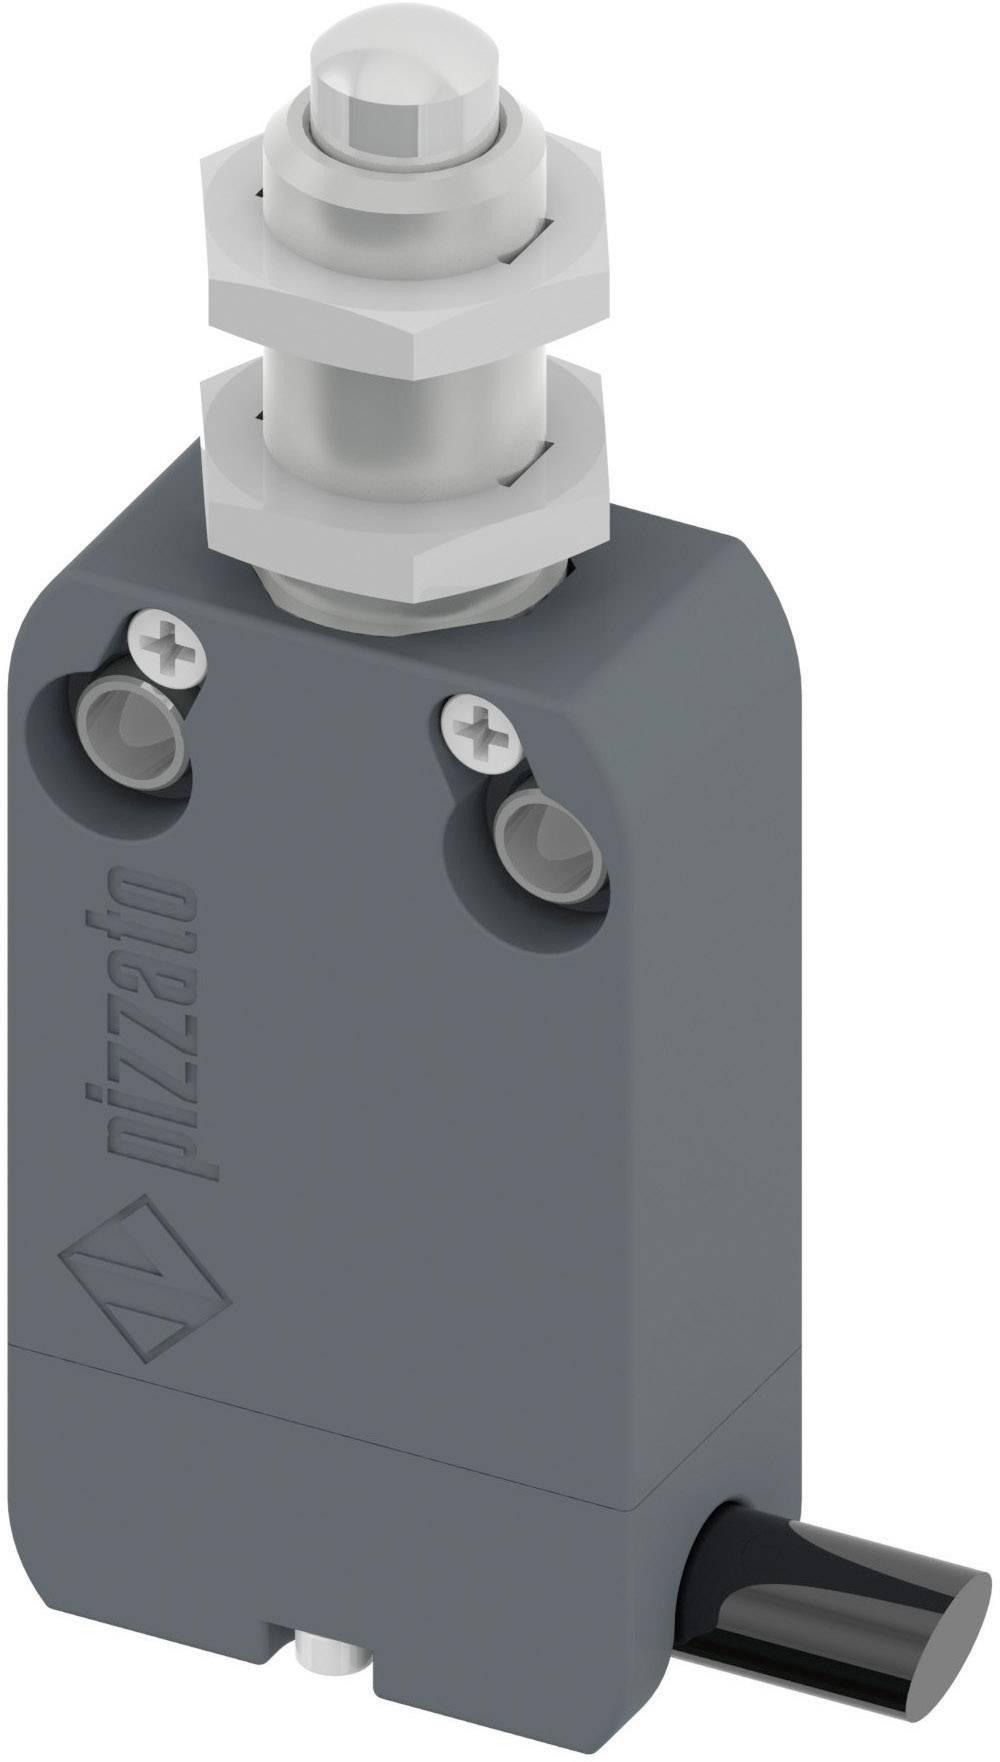 Polohový spínač Pizzato Elettrica NF B110EB-DN2, 250 V/AC, 4 A, kabel bez konektorů, 2 m